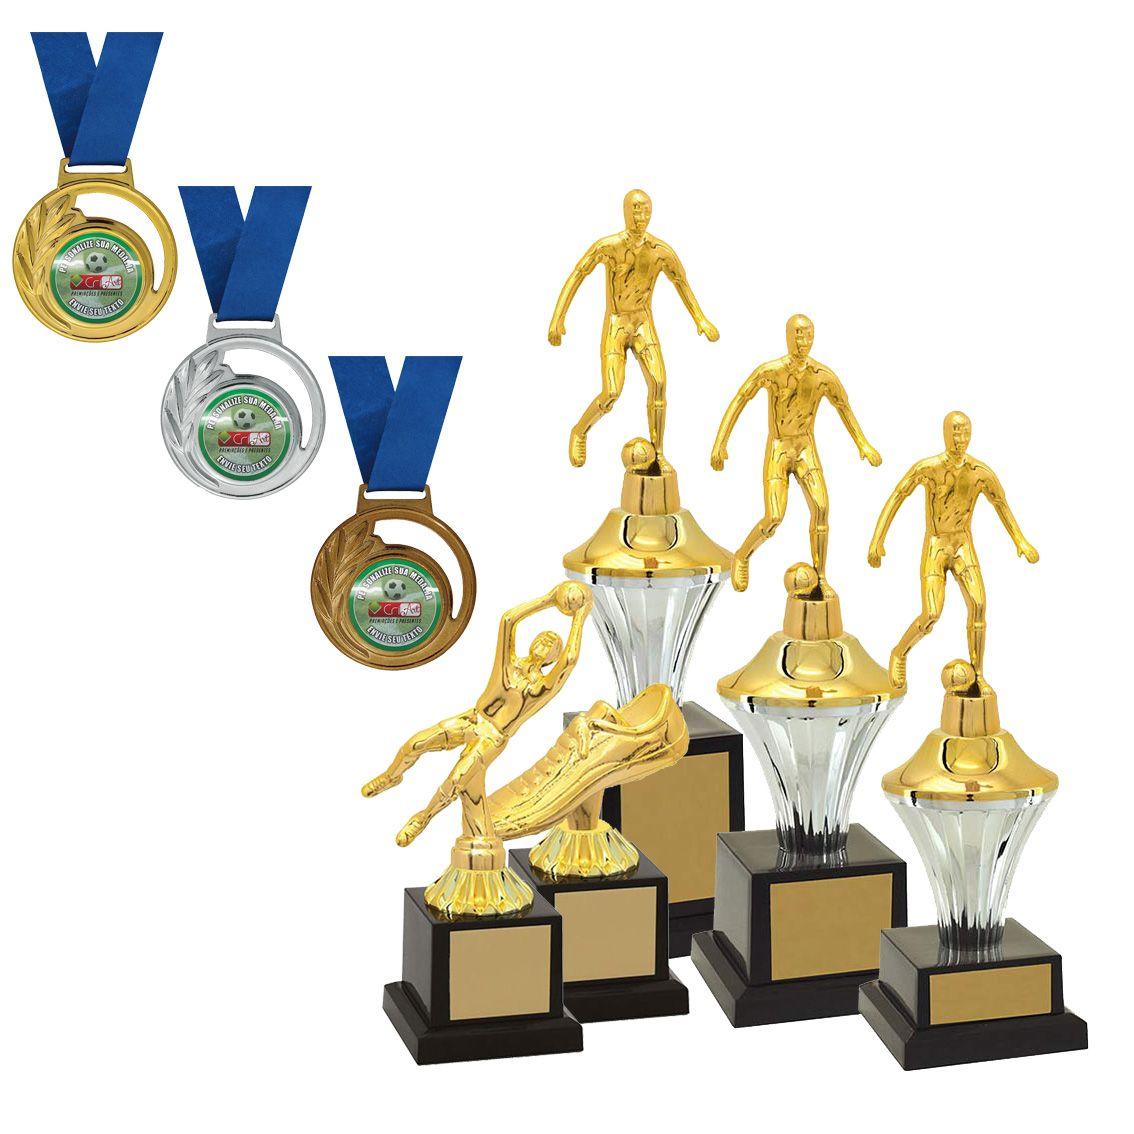 Kit de Troféus Silver Campeão de Futebol KCP100 Vitória